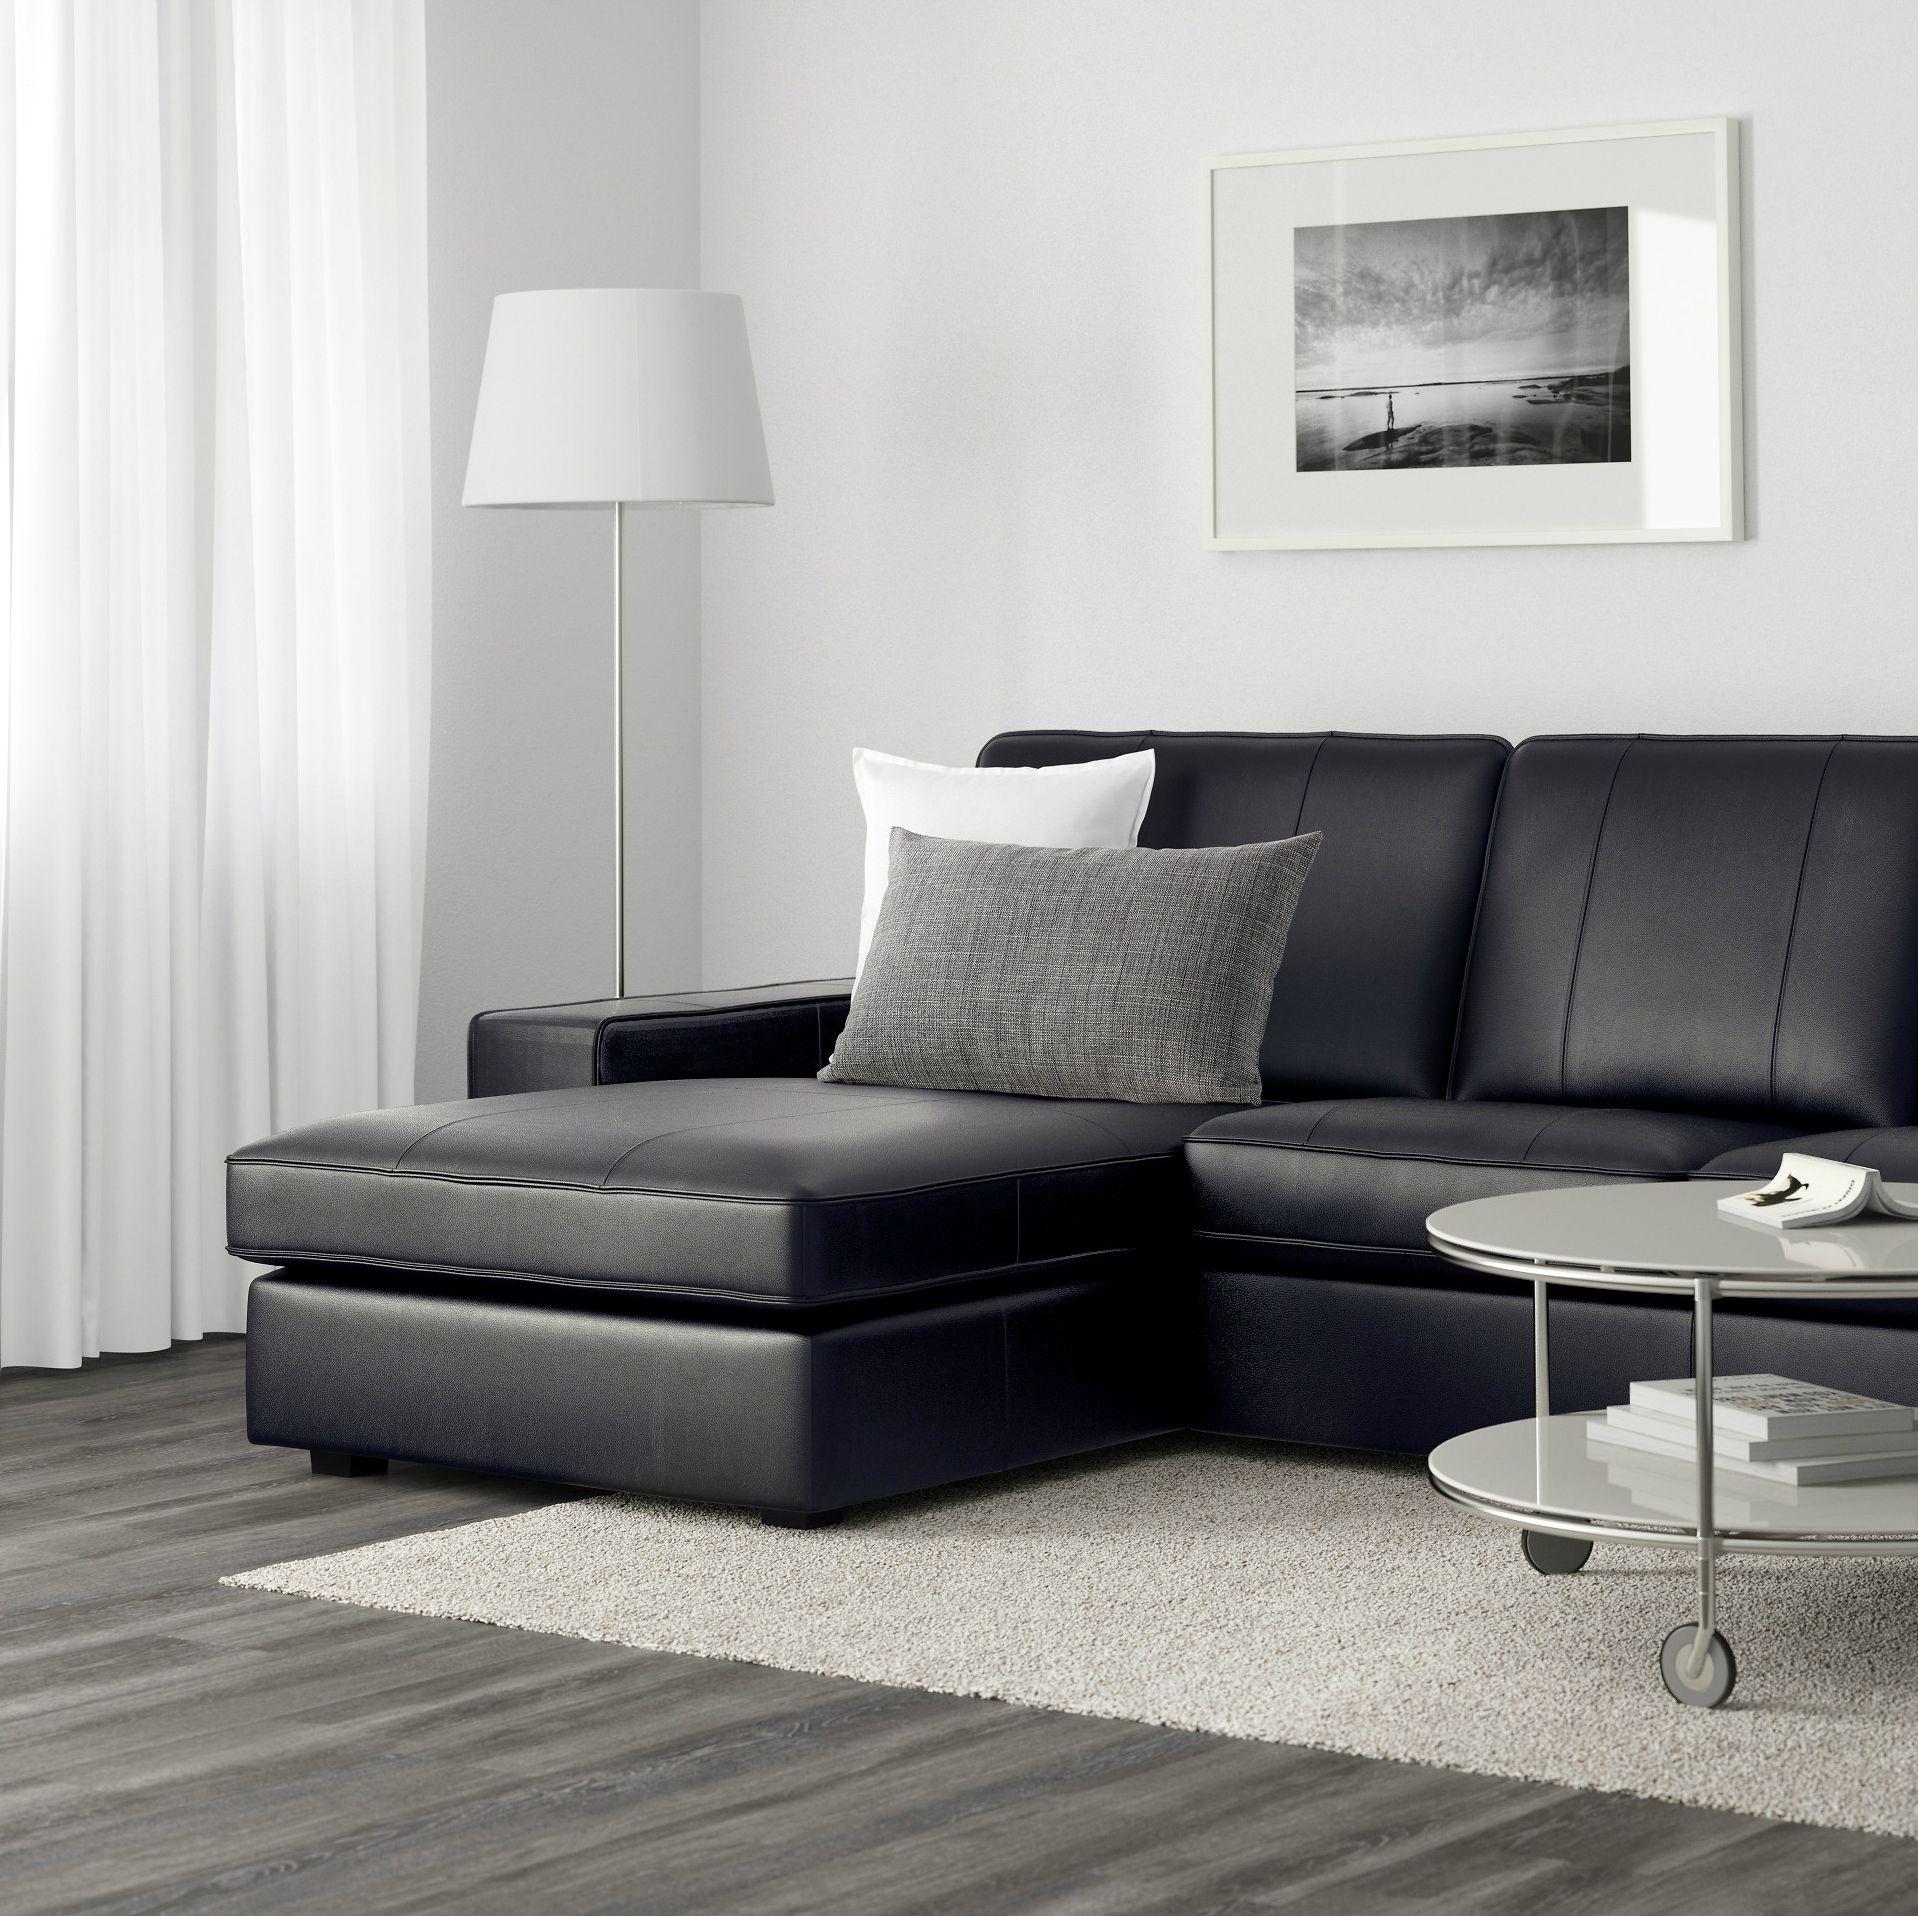 Ikea Kivik Sofa Series Review